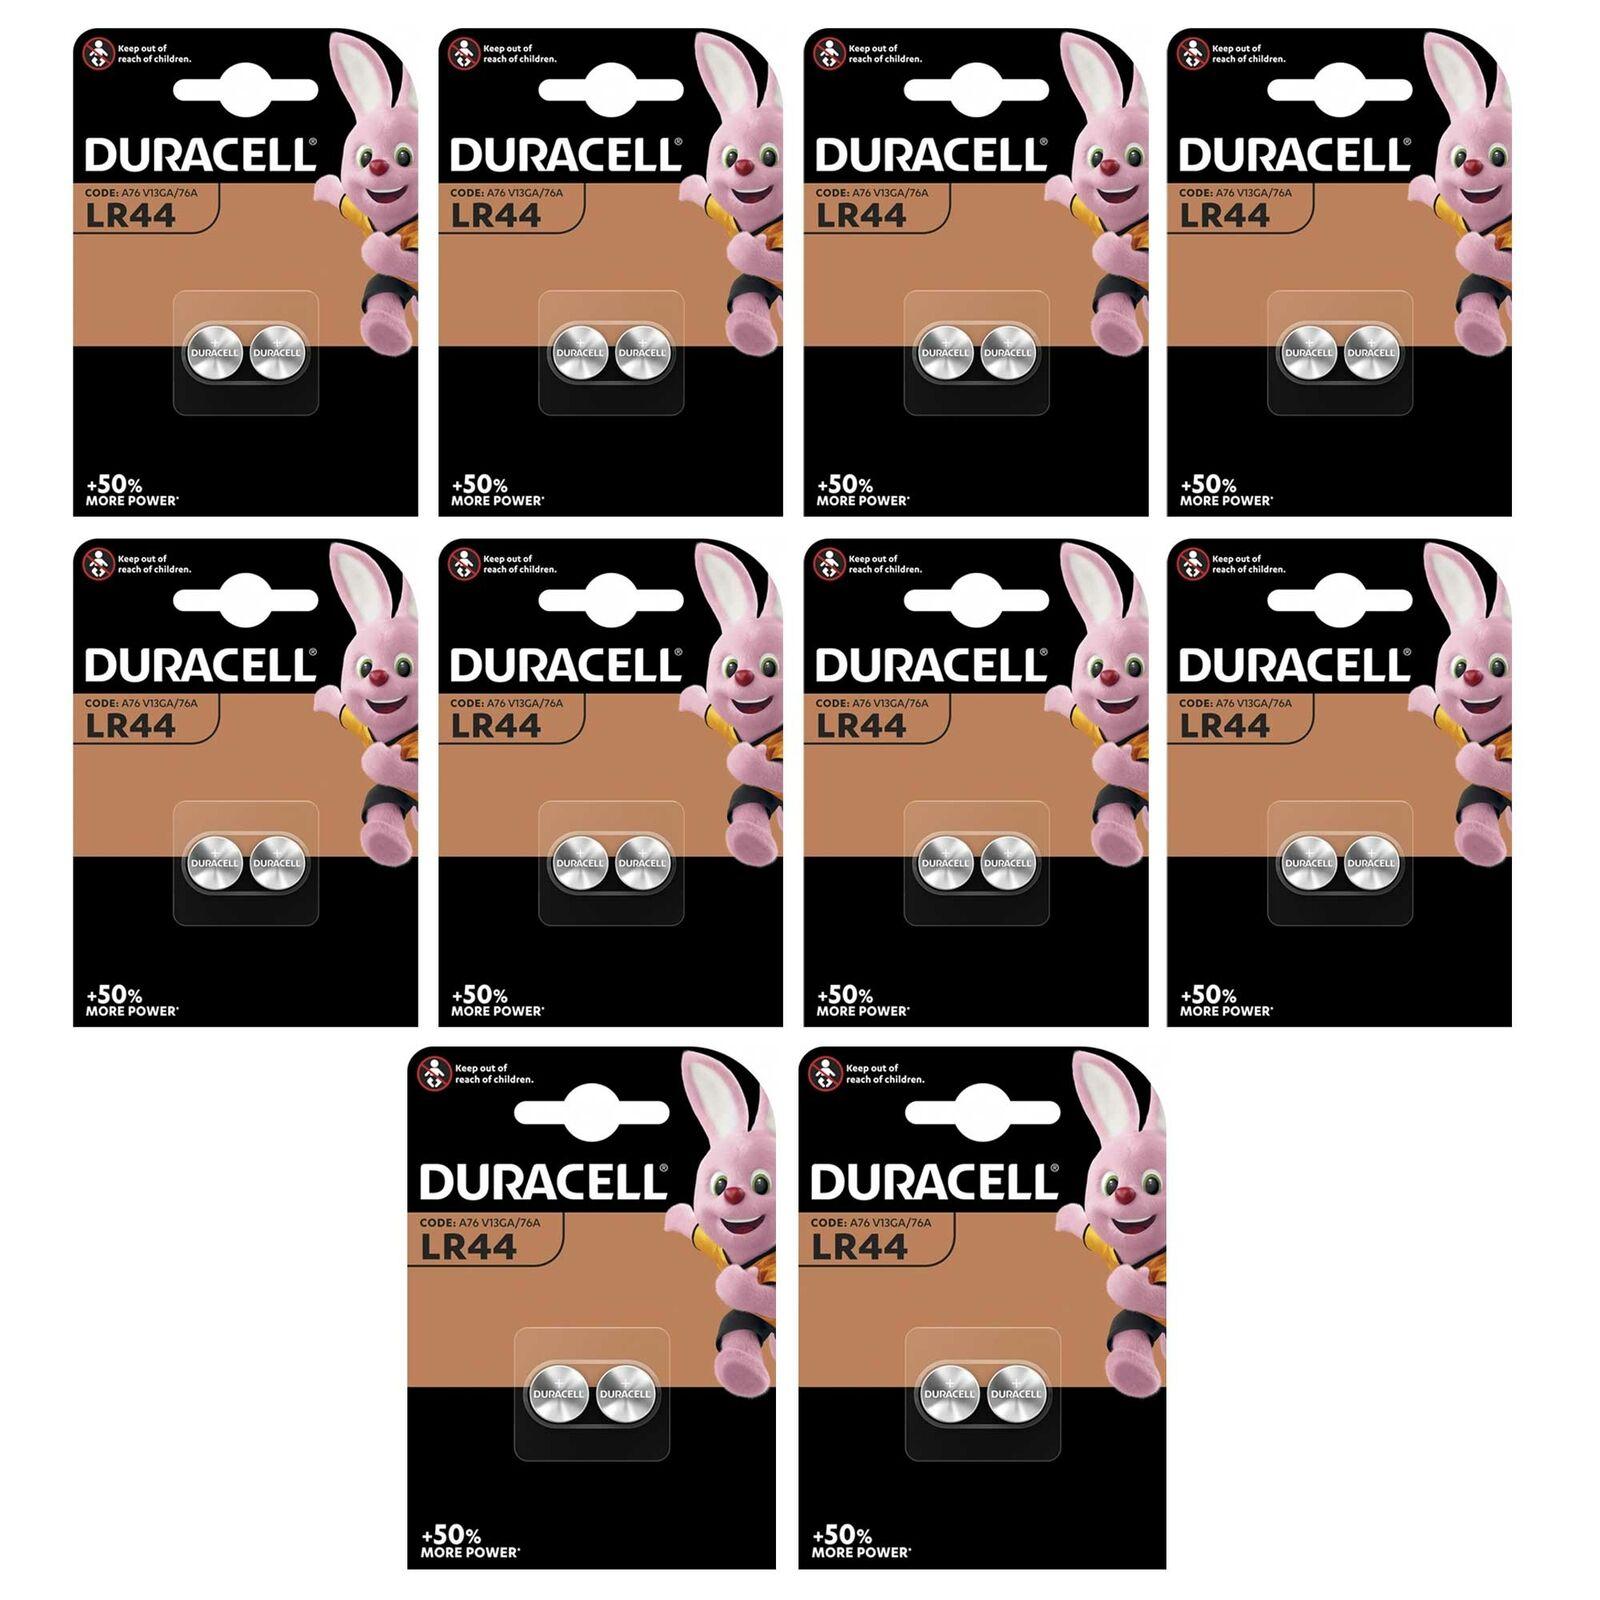 20 X Batteries Duracell, Alkaline, Button cell, lr44 ag13, 1.5v, 10 x 2 Piece